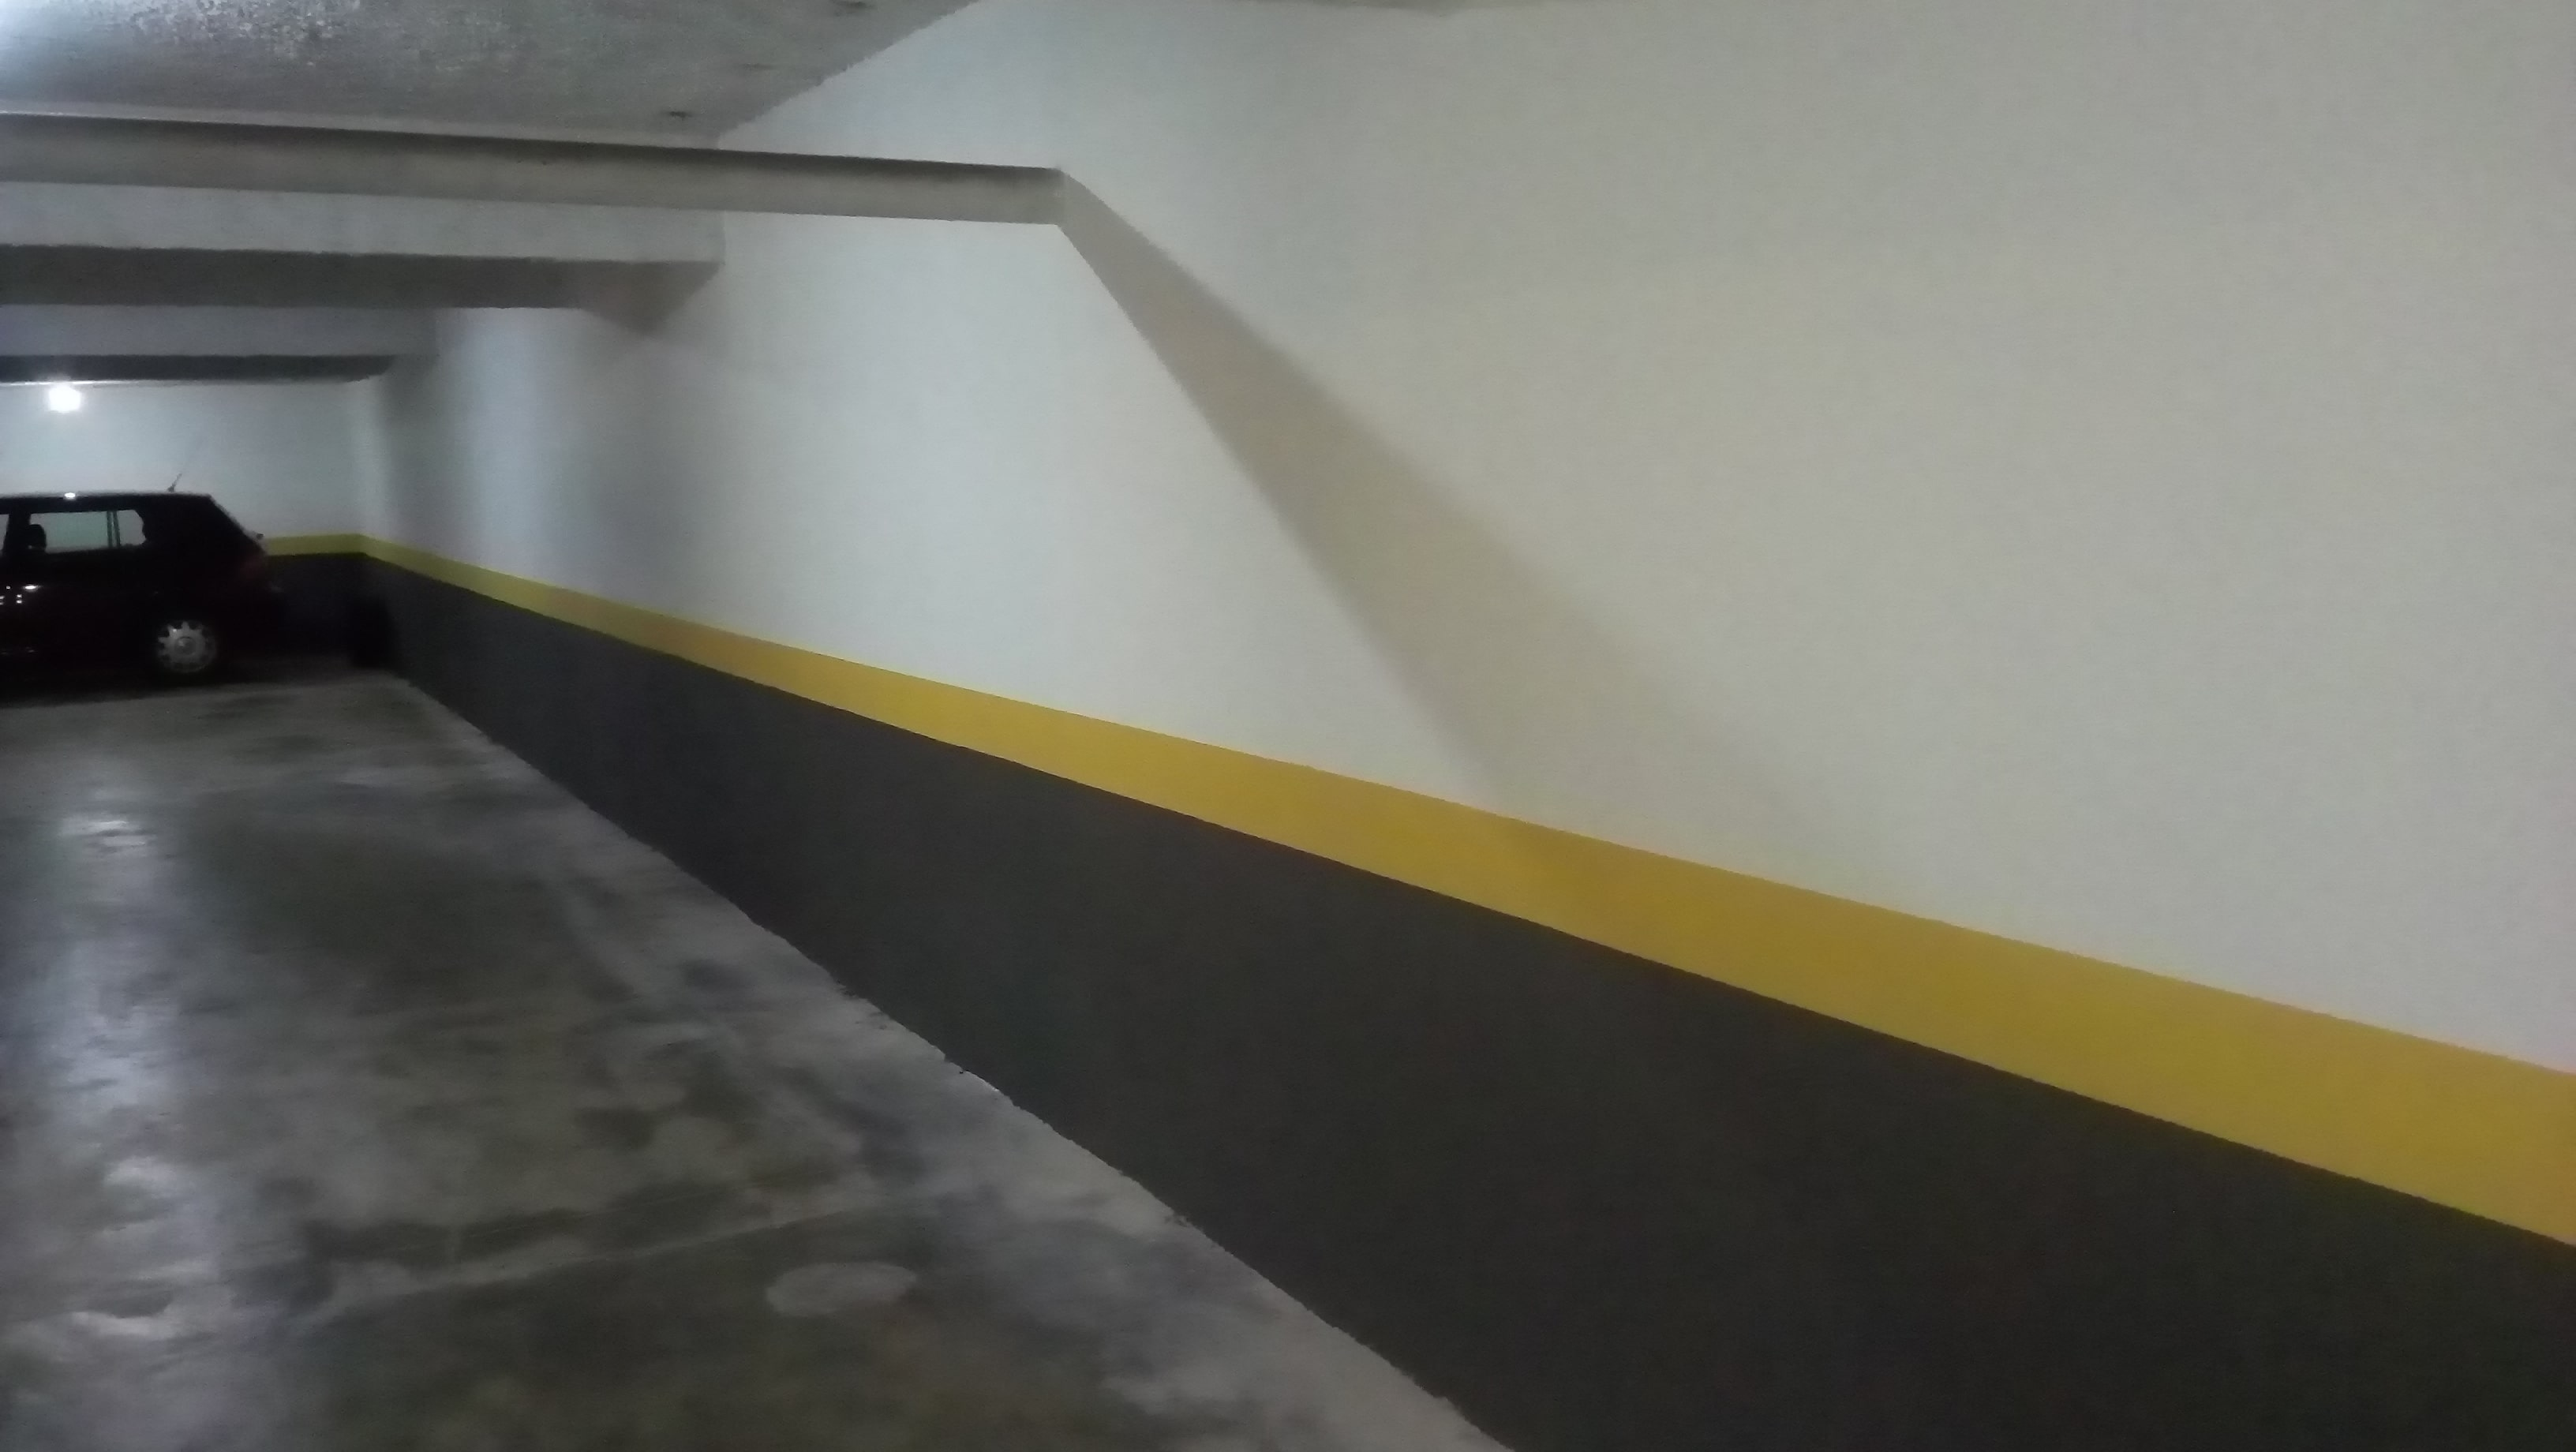 Reforma_Garagens_Edifício_Hermínio_Bruna